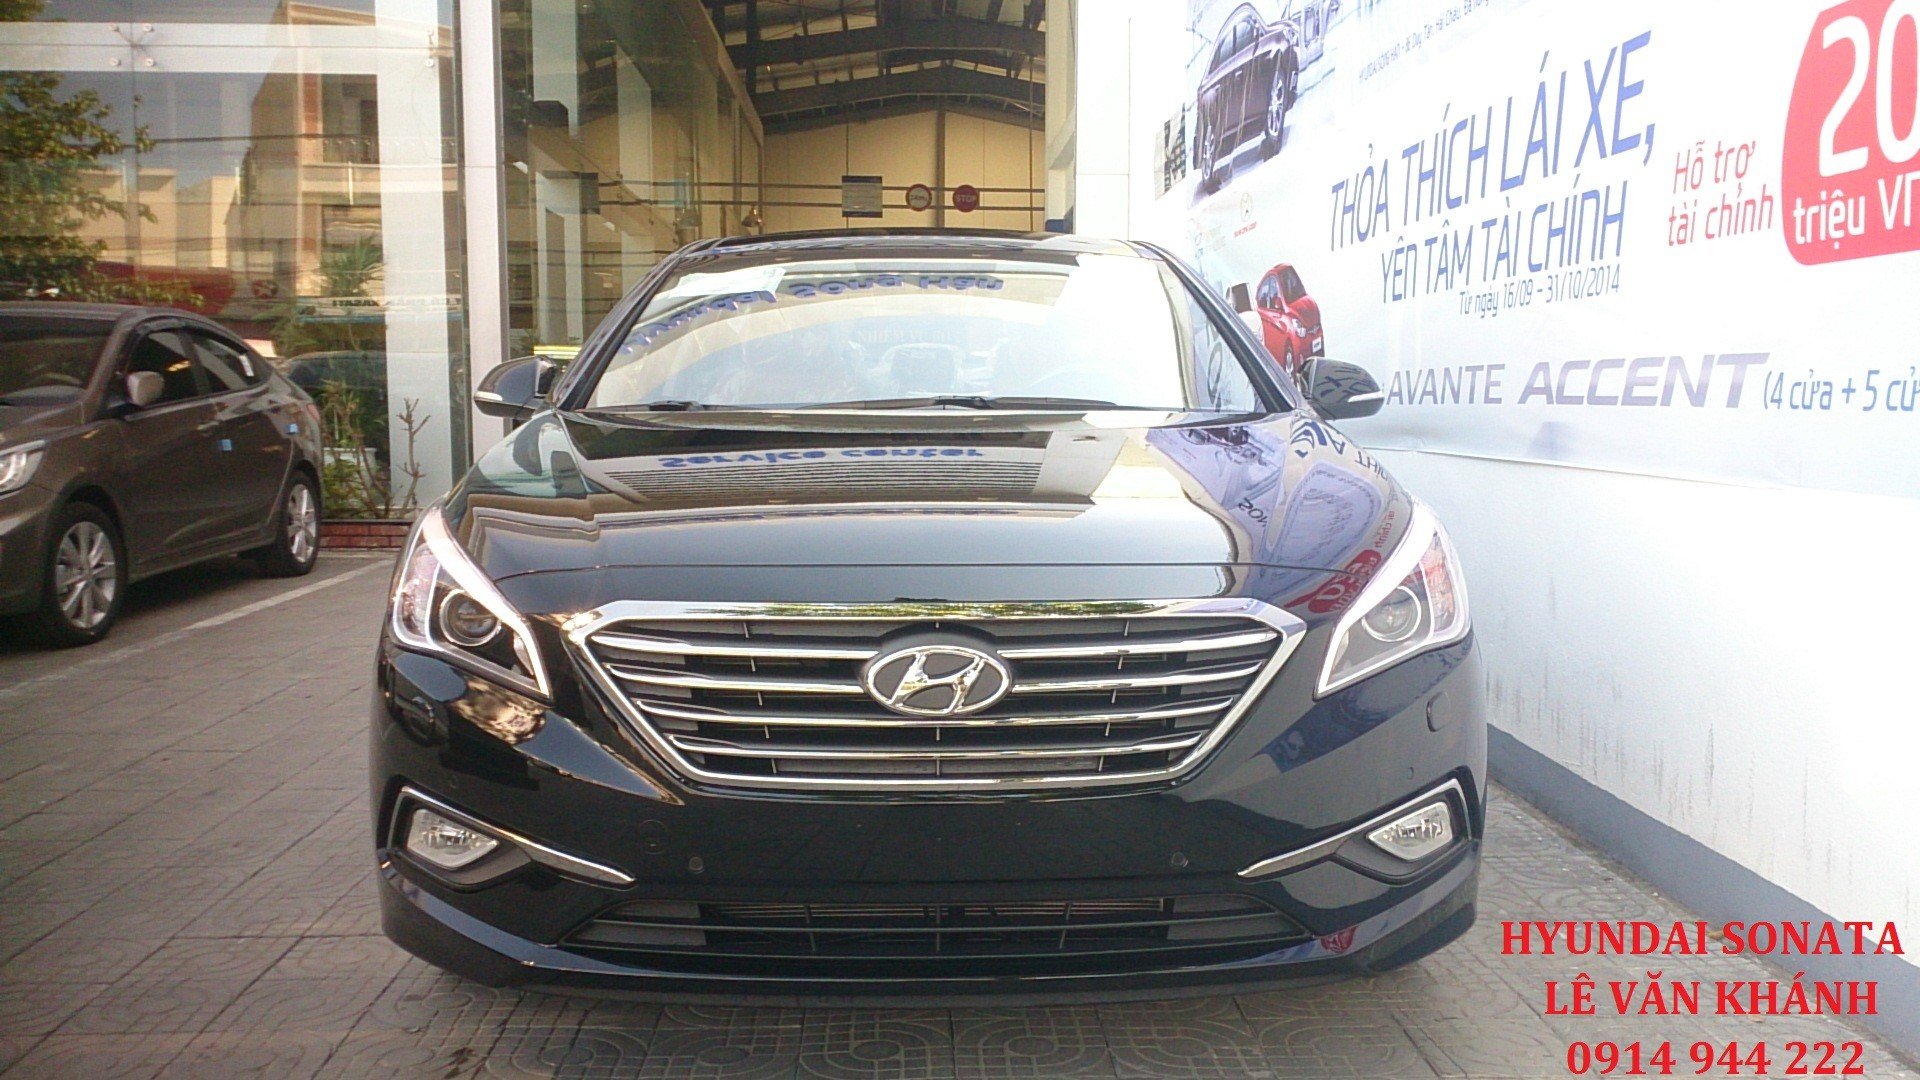 Hyundai Grand i10 2016 Đà Nẵng, Hyundai i10 Sedan Xcent, Xe nhập khẩu, GIảm tiền và tặng phụ kiện, Ảnh số 36720360